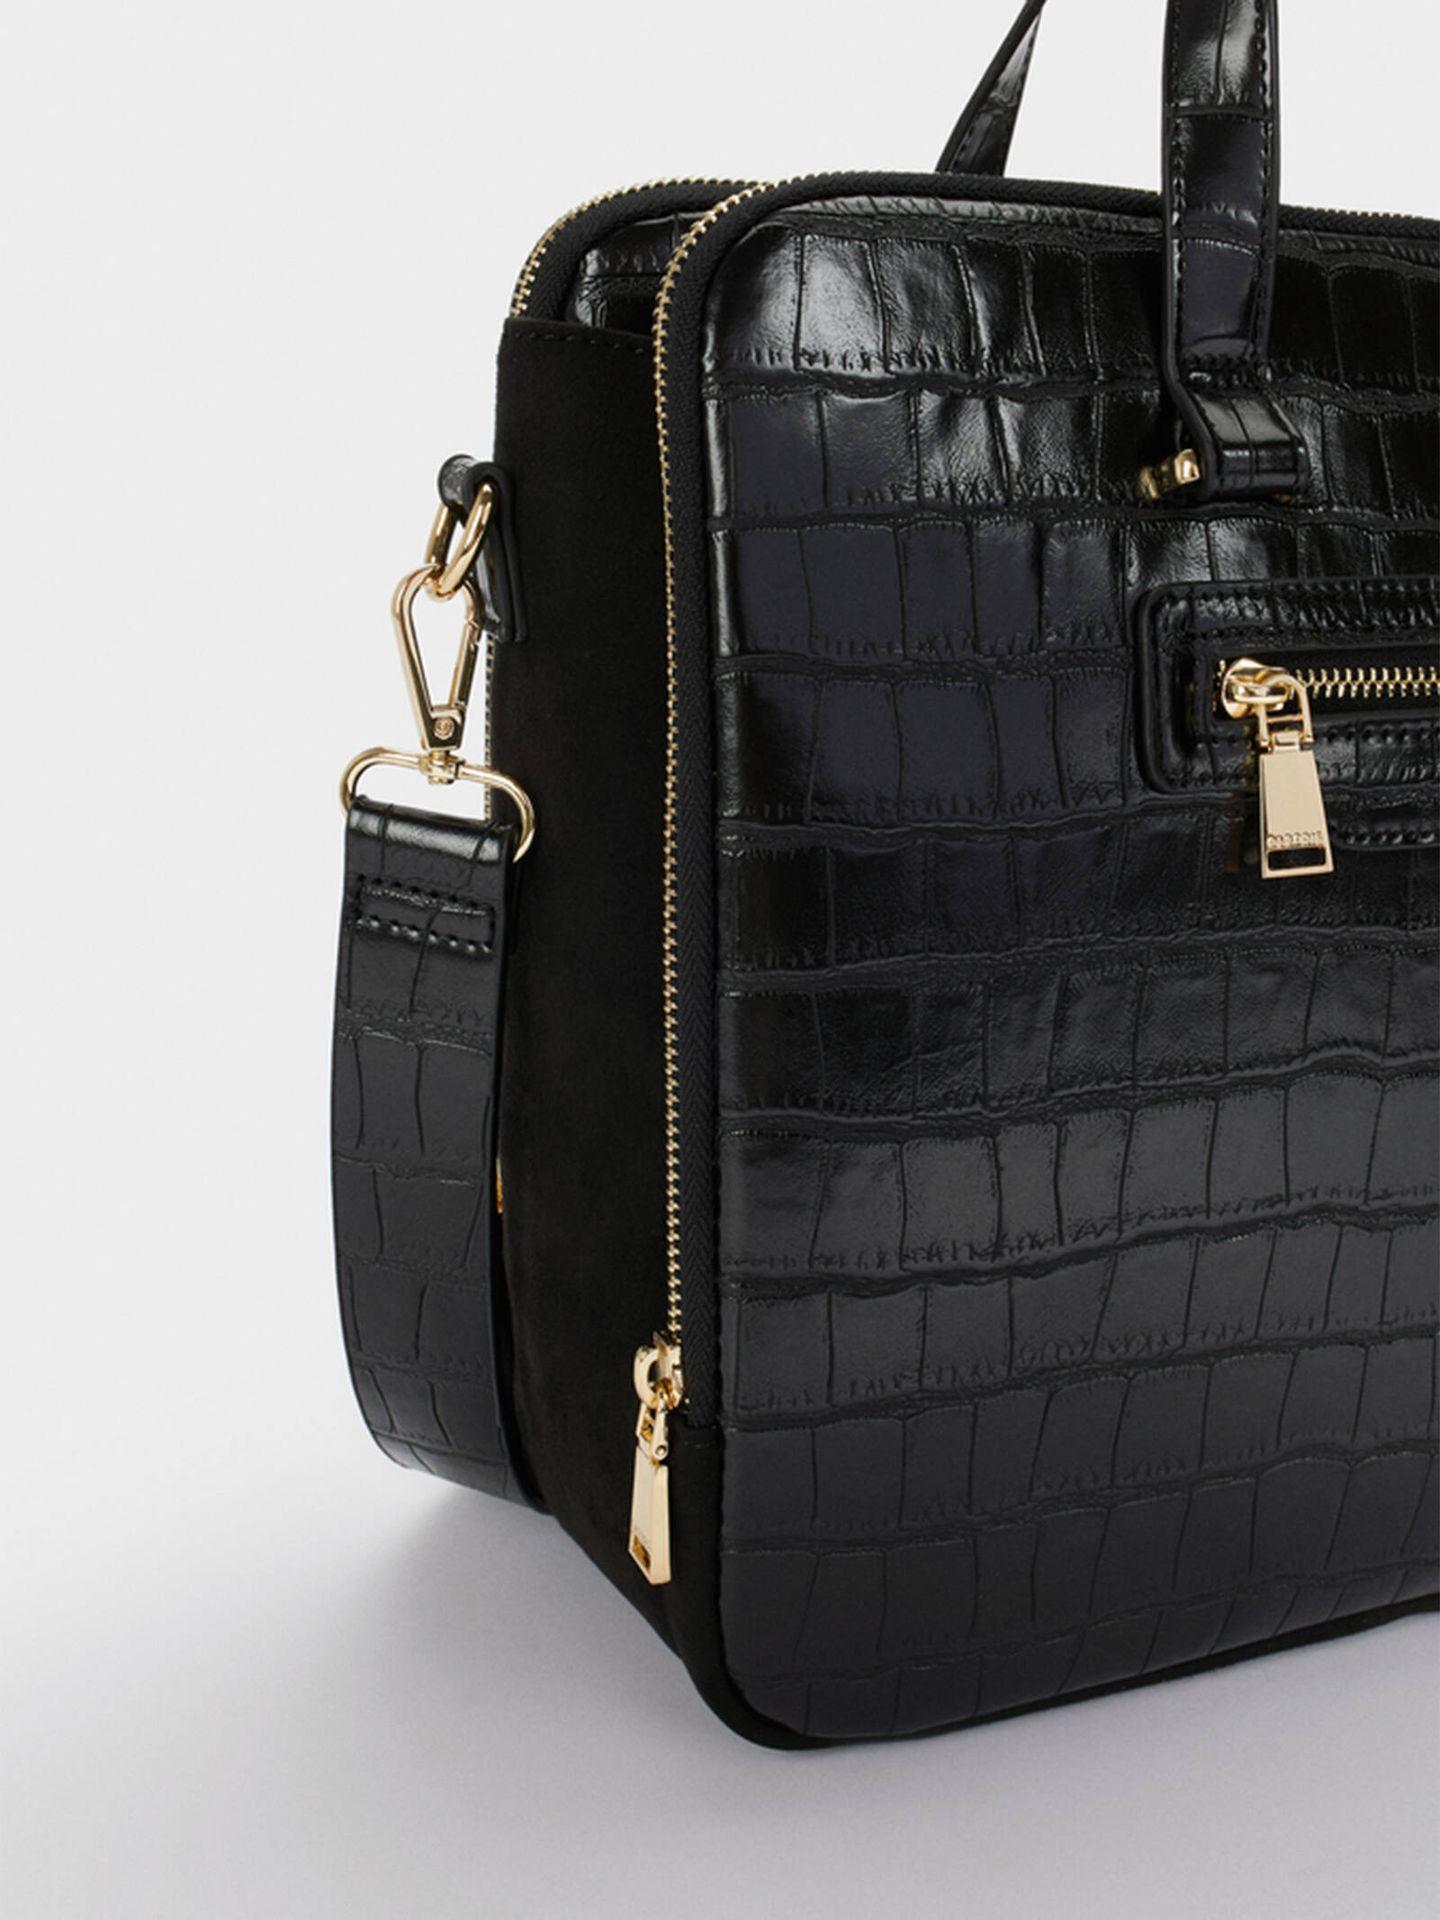 El bolso perfecto para ir al trabajo está en Parfois. (Cortesía)